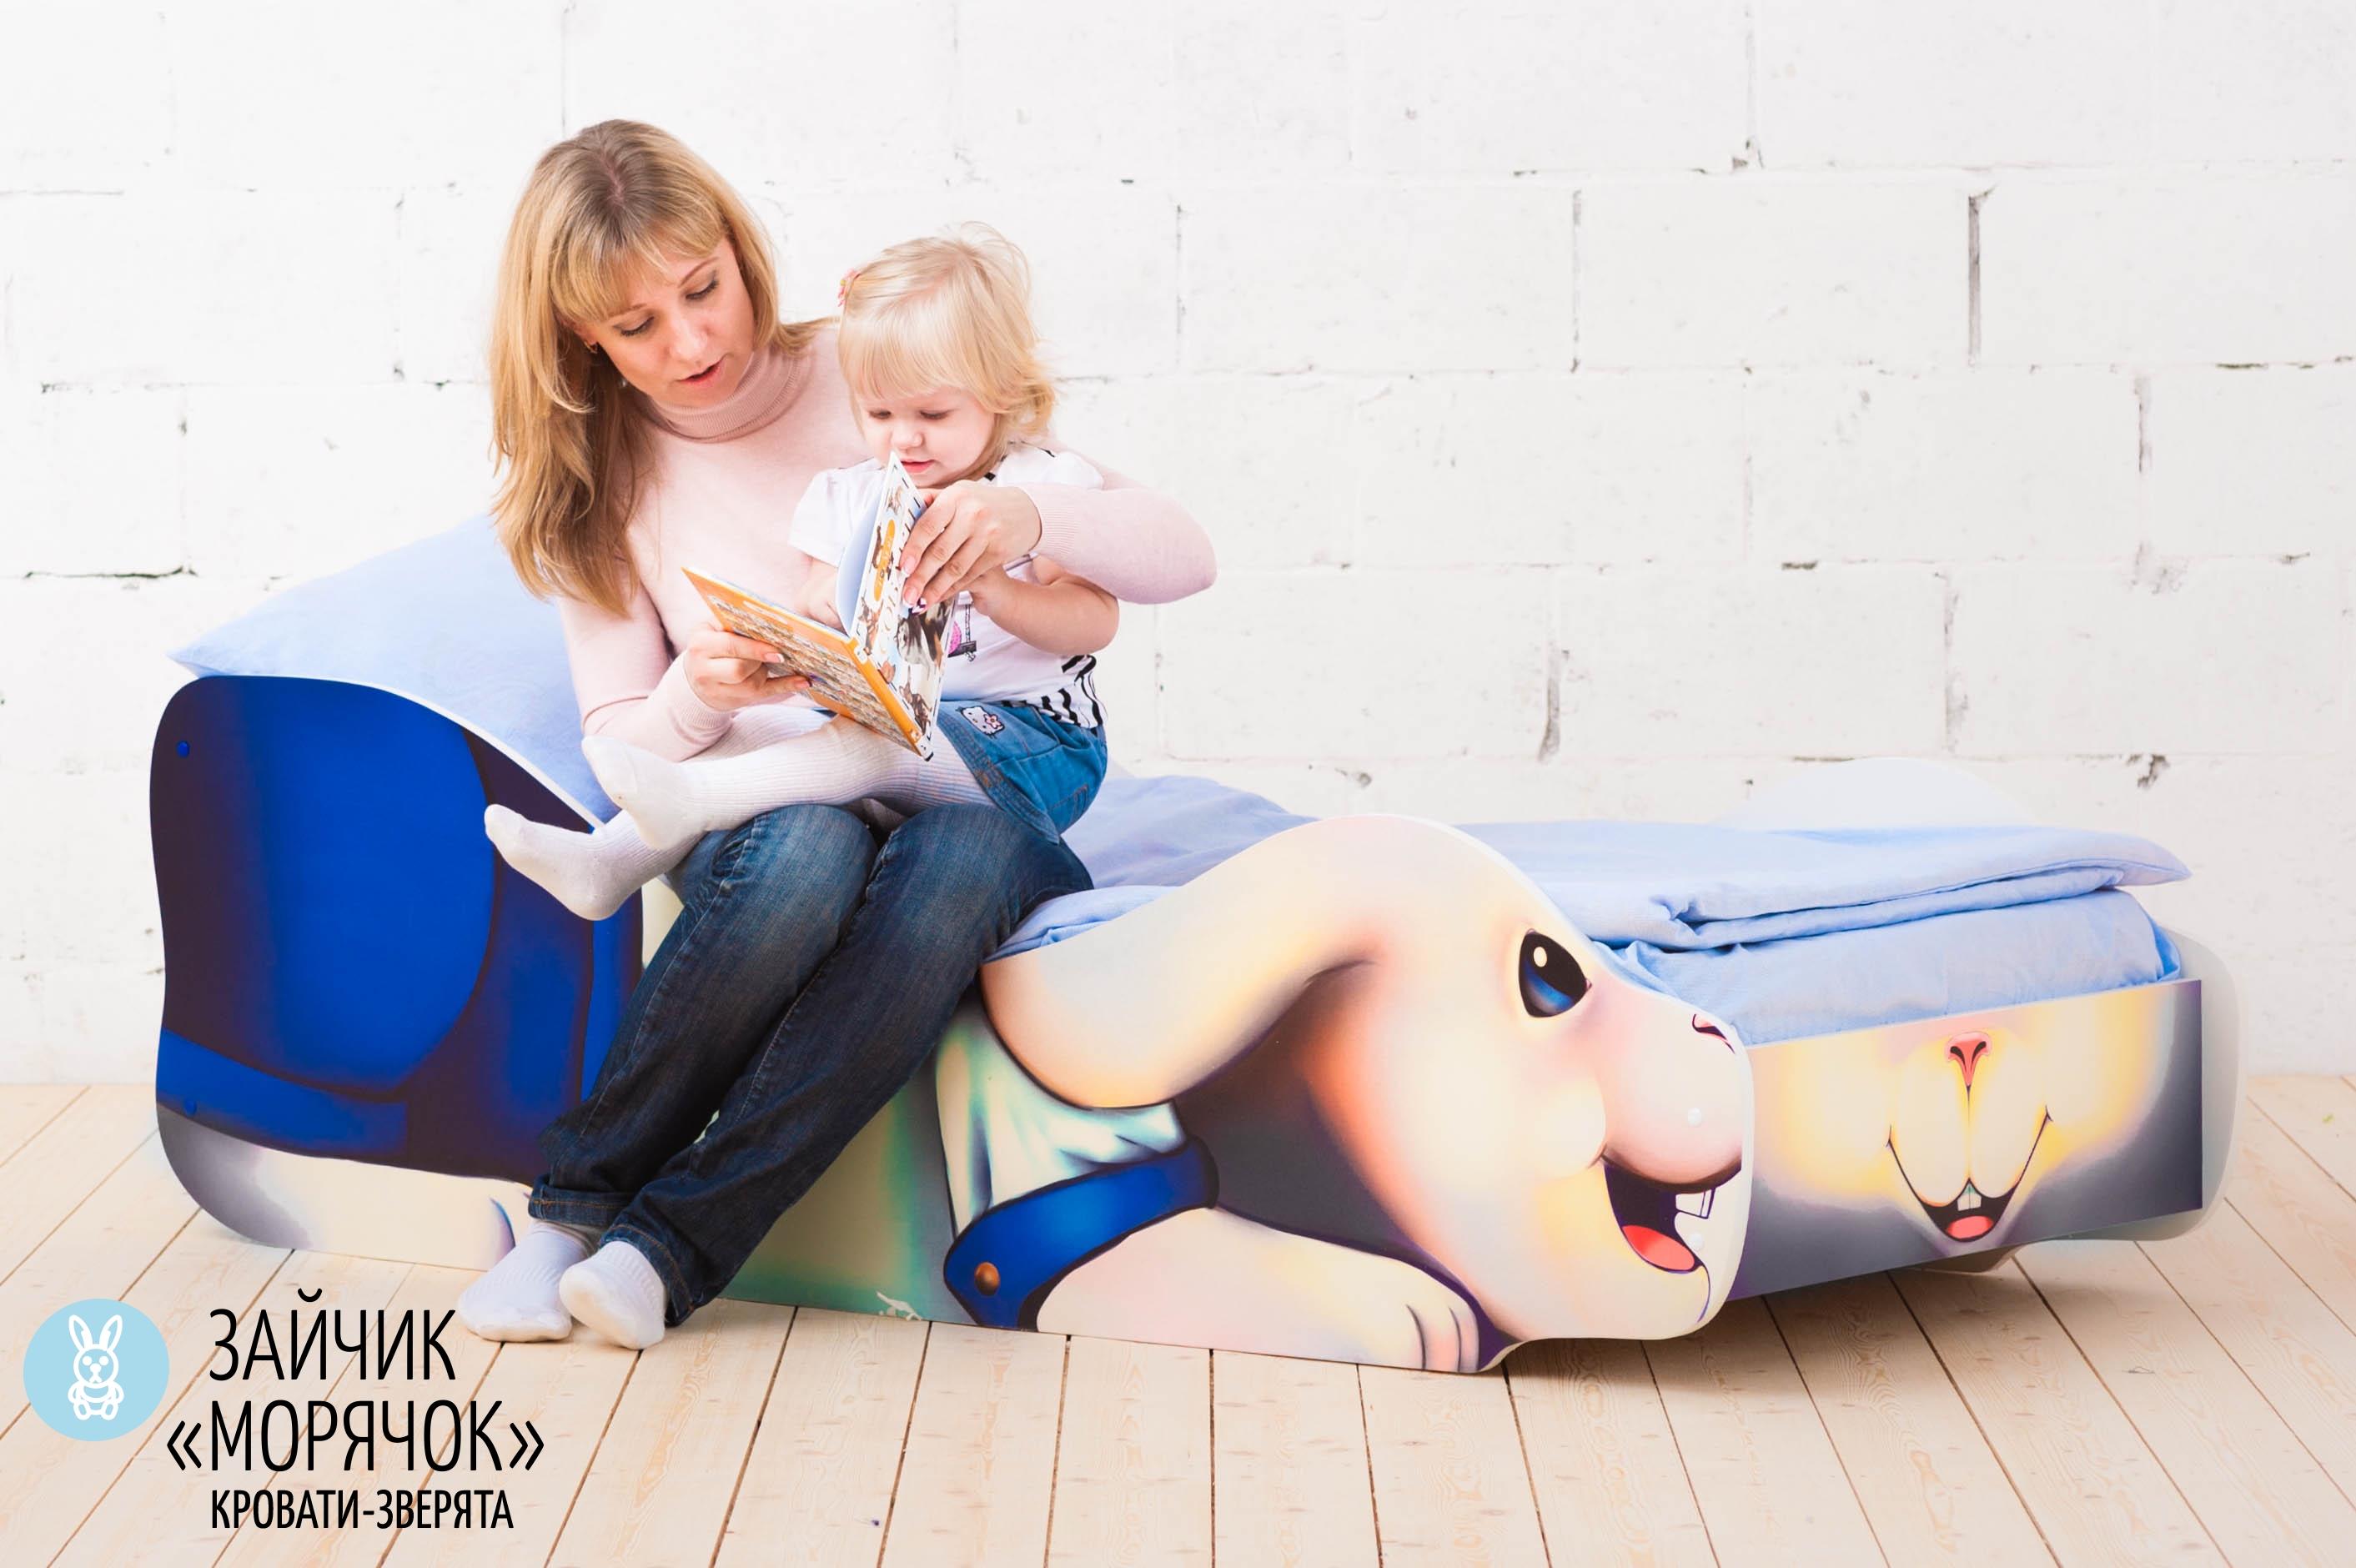 Детская кровать-зверенок -Заяц-Морячок-10